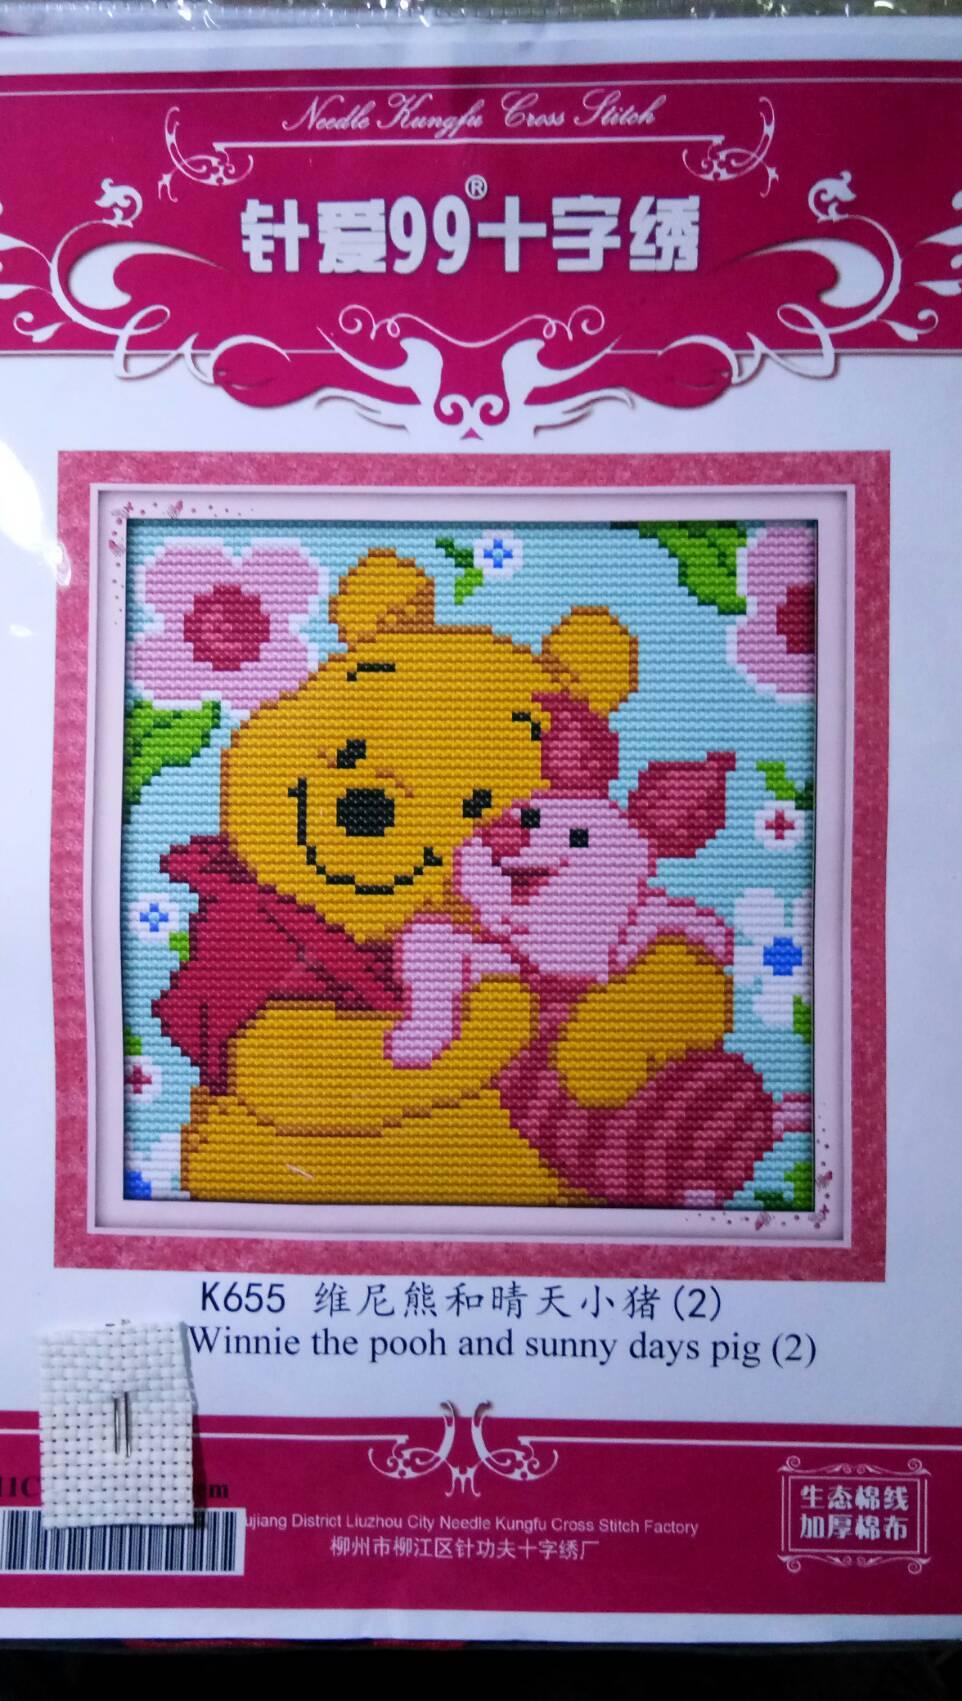 ชุดปักครอสติช ลาย หมีพูกับพิกเล็ท ขนาด 22*22 ซม.ผ้าครอสติช 11CTพิมพ์ลายปัก ไหมคอตตอน สี+ผังลาย+เข็ม (ส่งฟรี)